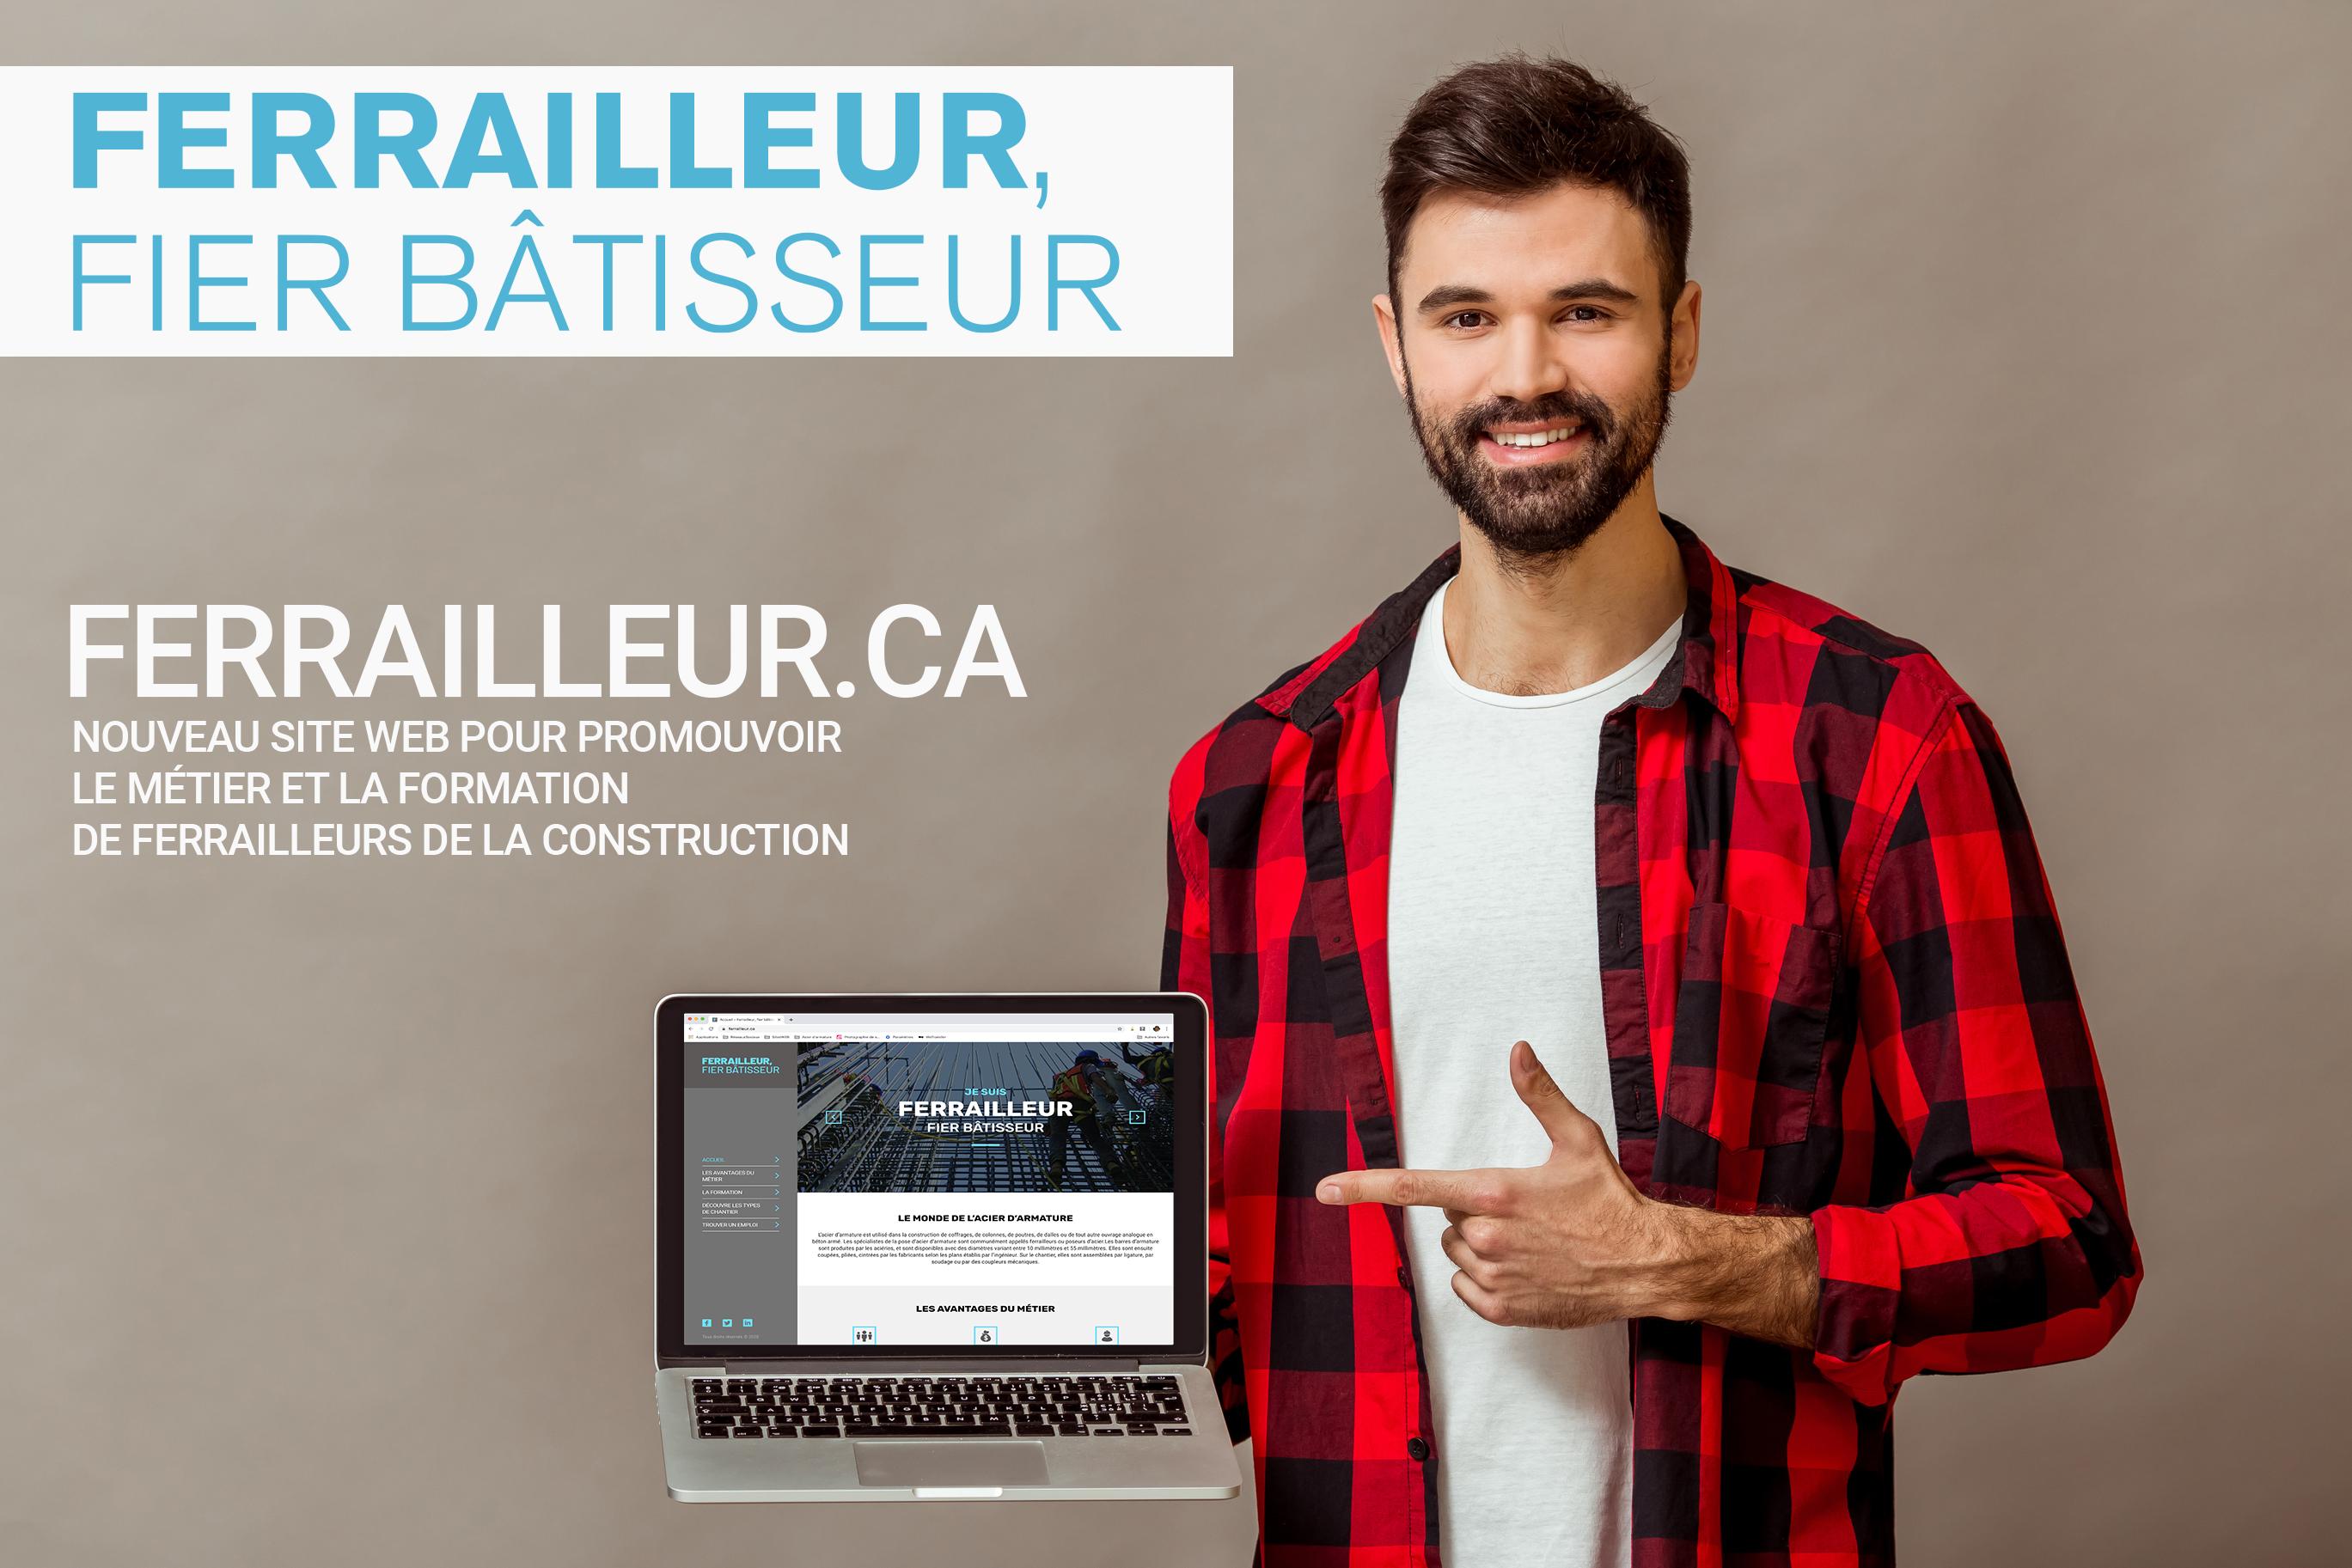 site ferrailleur.ca